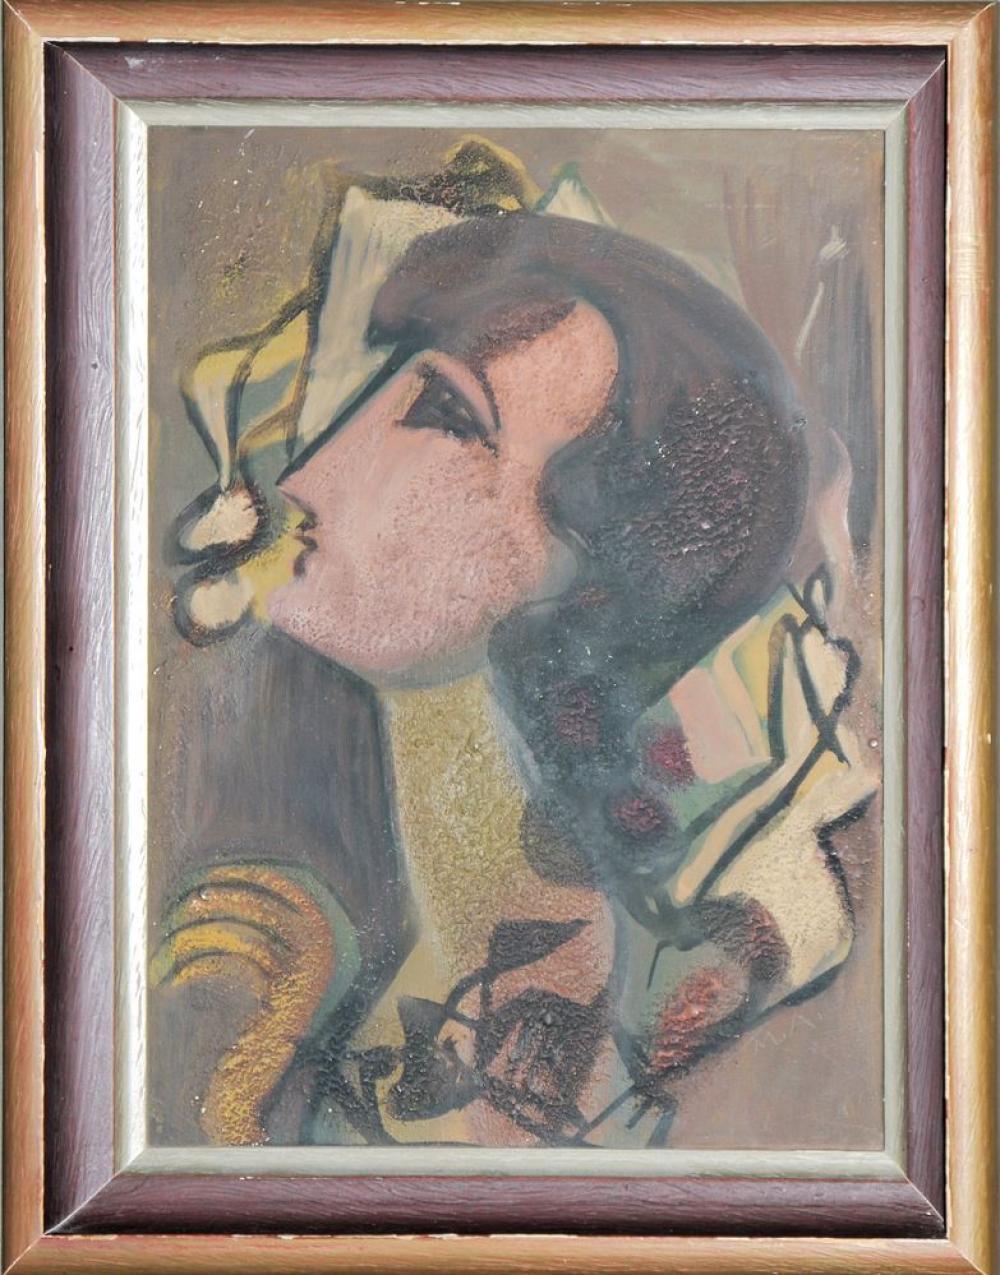 289. Auktion / 289th sale